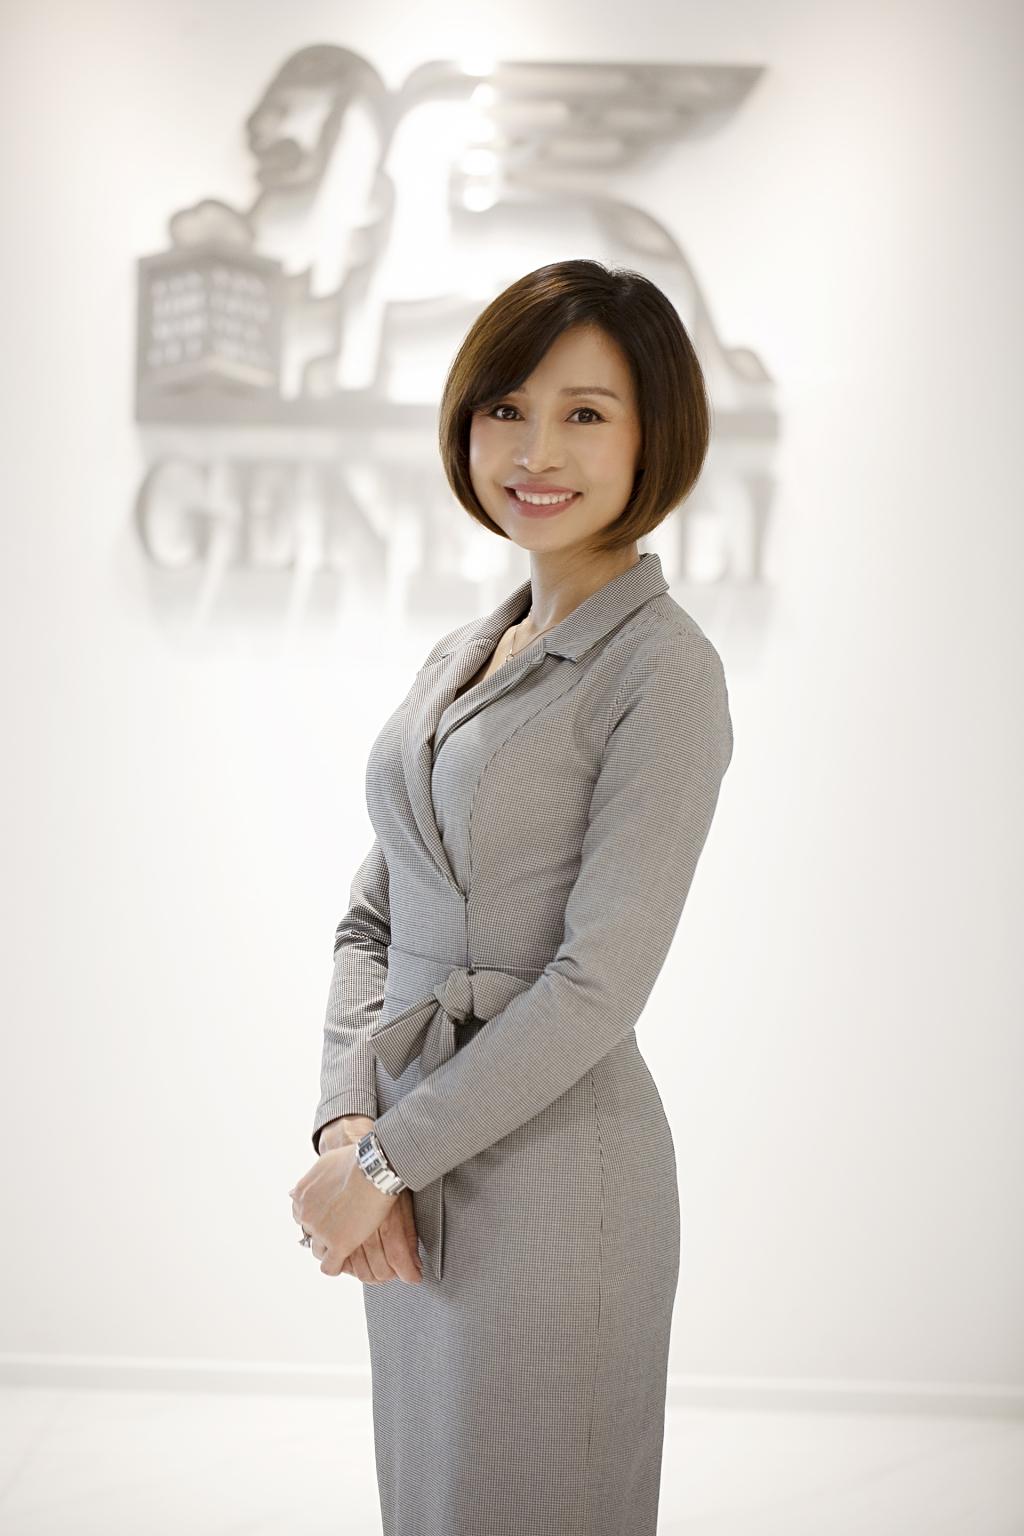 Theo bà Tina Nguyễn, Tổng Giám đốc Generali Việt Nam, VITA – Đầu Tư Như Ý là sản phẩm đầy tính linh hoạt và có nhiều quyền lợi độc đáo, cạnh tranh, sẽ đáp ứng nhu cầu ngày càng cao về bảo vệ, tiết kiệm, đầu tư của người dân Việt Nam